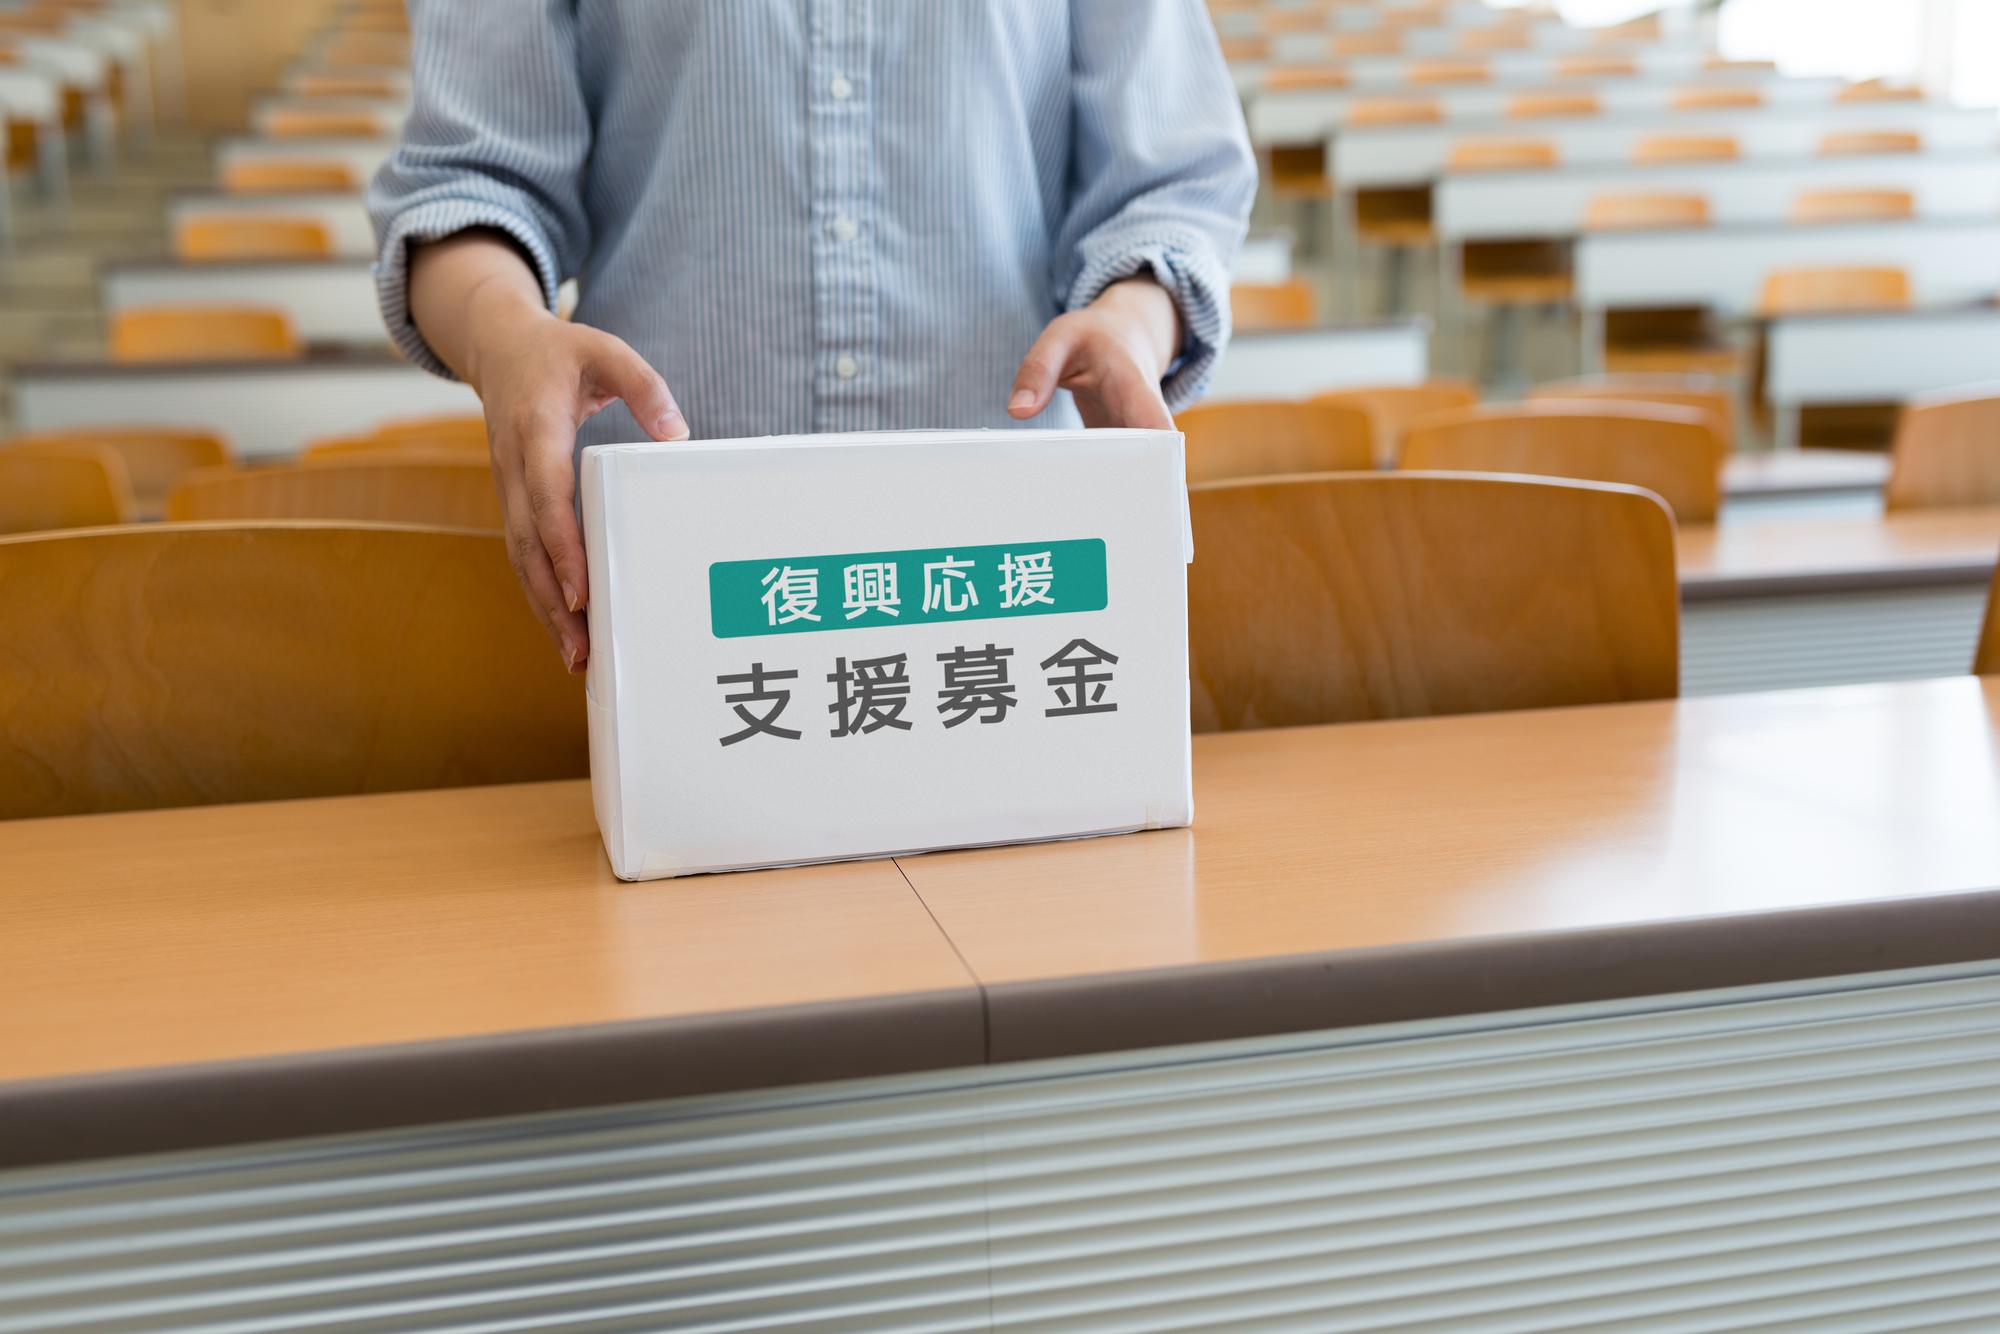 日本ユニセフ協会が行った東日本大震災の活動